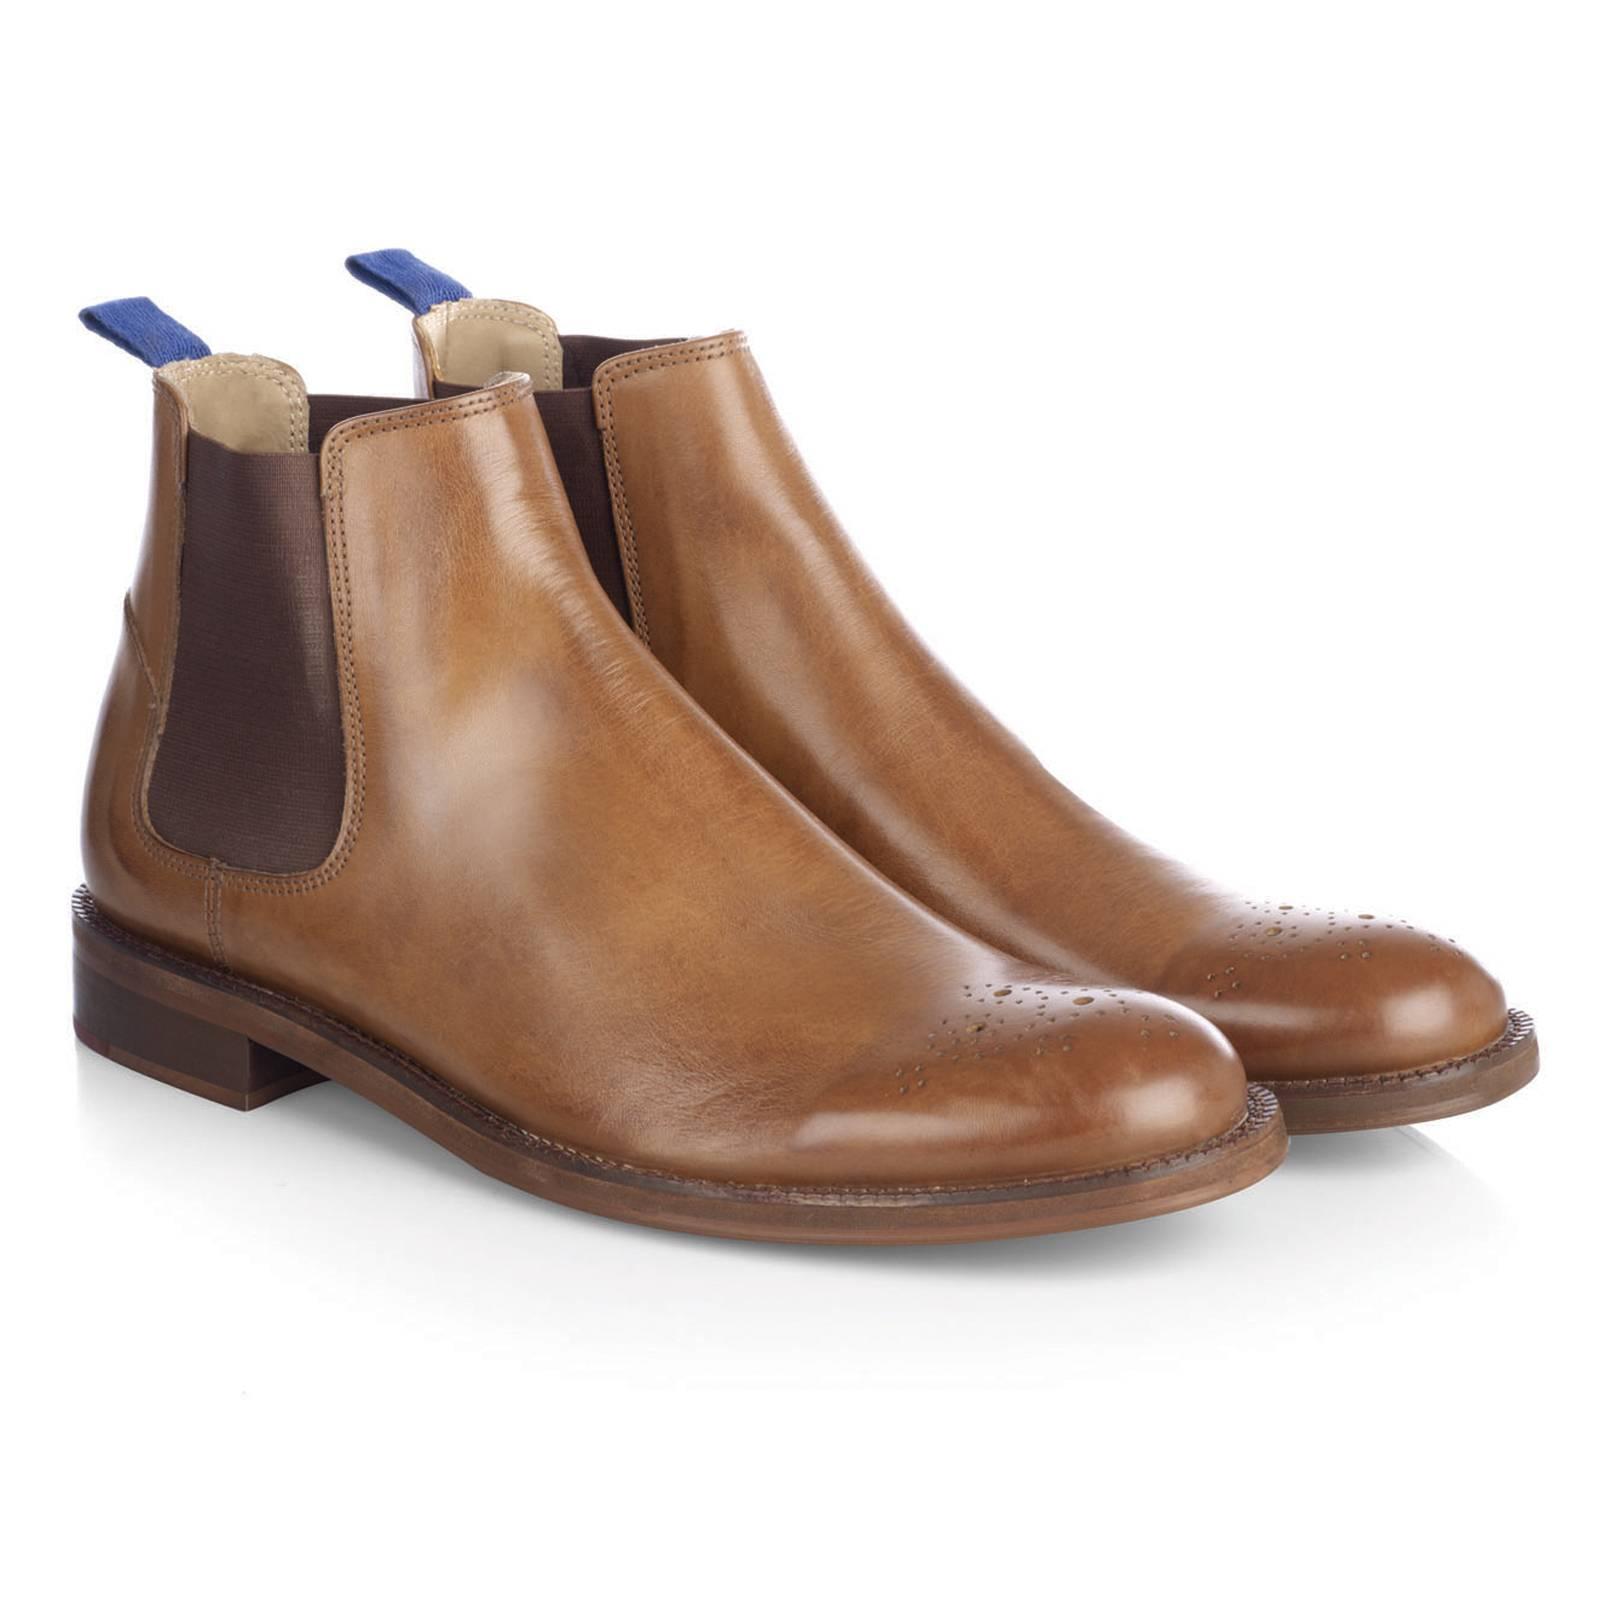 Ботинки Челси HarleyОбувь<br>Историческая модель аутентичной английской обуви Челси Бутс, представляющая собой классические мужские кожаные полусапоги на невысоком каблуке с заостренным или вытянутым, овальной формы мыском и эластичными трикотажными вставками по бокам, благодаря которым эта обувь удобно садится практически при любом подъеме ноги, а также легко снимается и надевается без ложечки. Первоначально ботинки Челси предназначались для верховой езды британской знати, однако позже перекочевали в повседневный гардероб, став писком моды в 60-70-х. Данная модель декорирована перфорацией, позаимствованной у другой знаменитой английской модели - брогов. Высокое качество кожи в сочетании с водонепроницаемой полимерной подошвой Neolite делает эту неприхотливую в уходе обувь оптимальной для осенней погоды. Рекомендуется делать профилактику подошвы.Челси хорошо сочетаются с джинсами, трикотажем, рубашками. Их можно носить вместе с кромби, дафлкотом или бушлатом.<br><br>Артикул: 0913202<br>Материал: 100% кожа<br>Цвет: песочный<br>Пол: Мужской